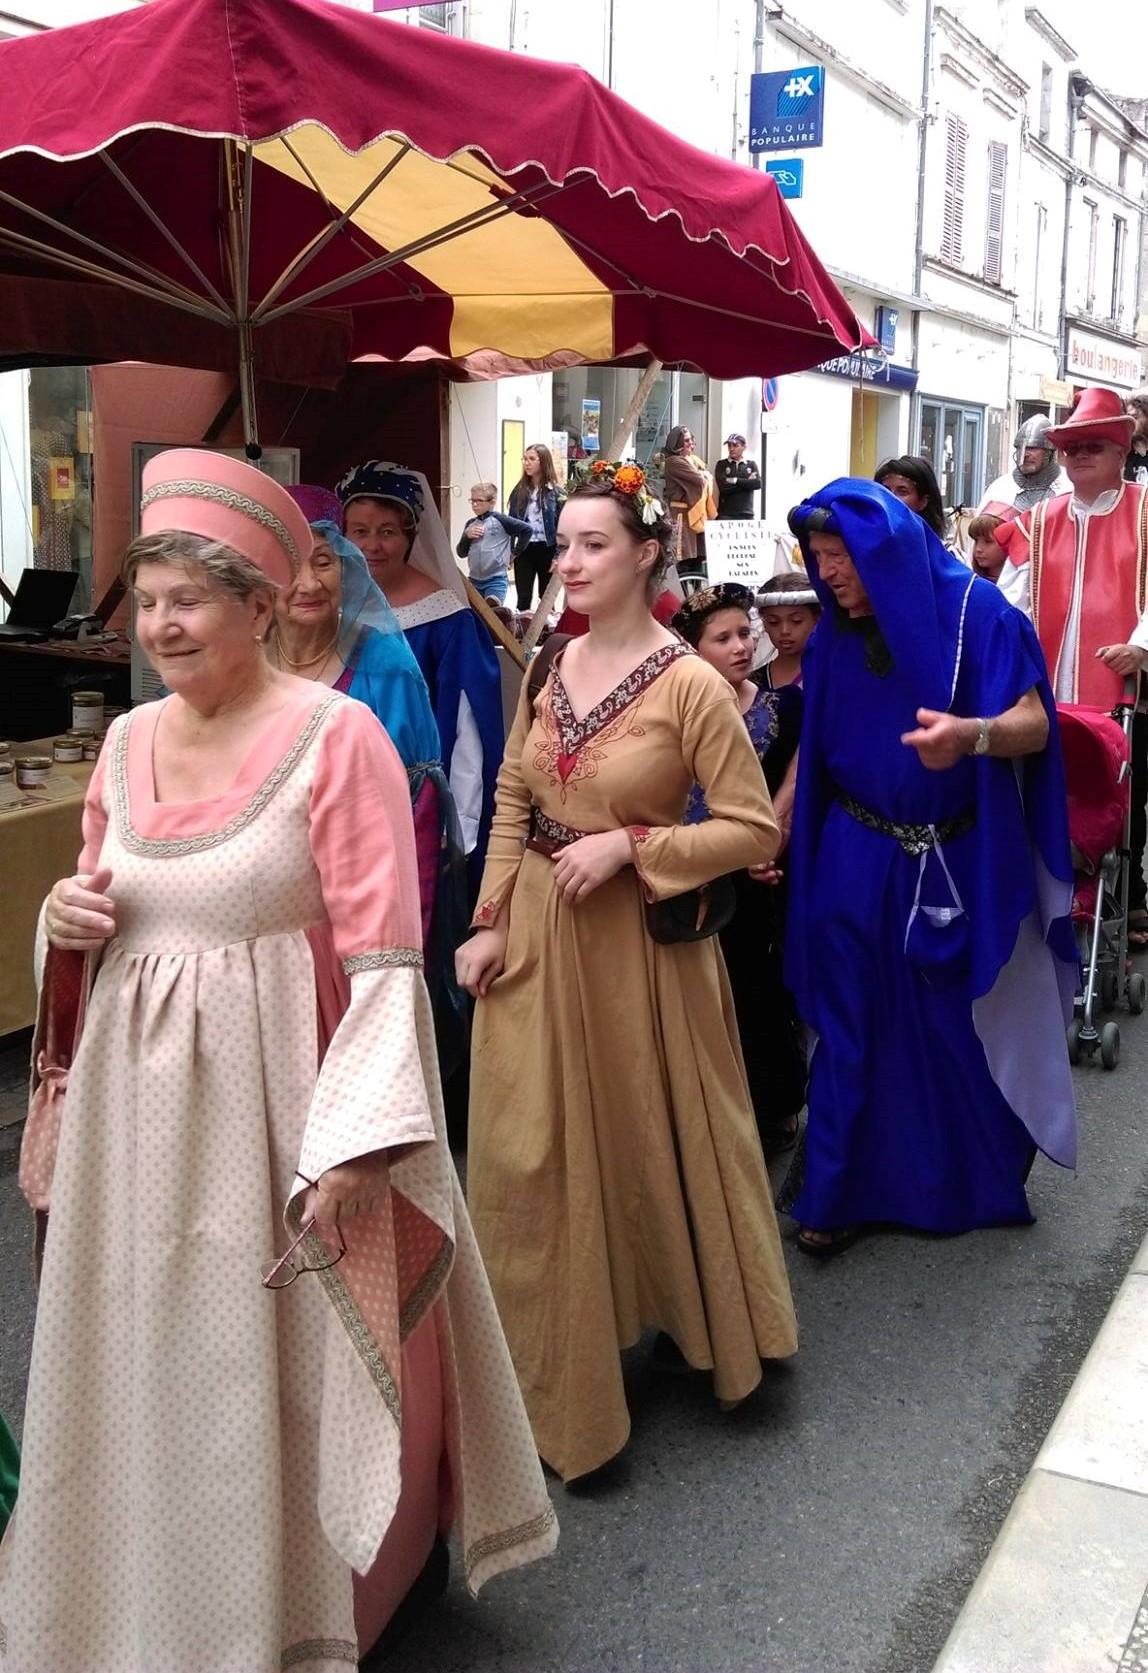 Fête Médiévale Pons 2017 - Défilé rue Emile Combes (12)